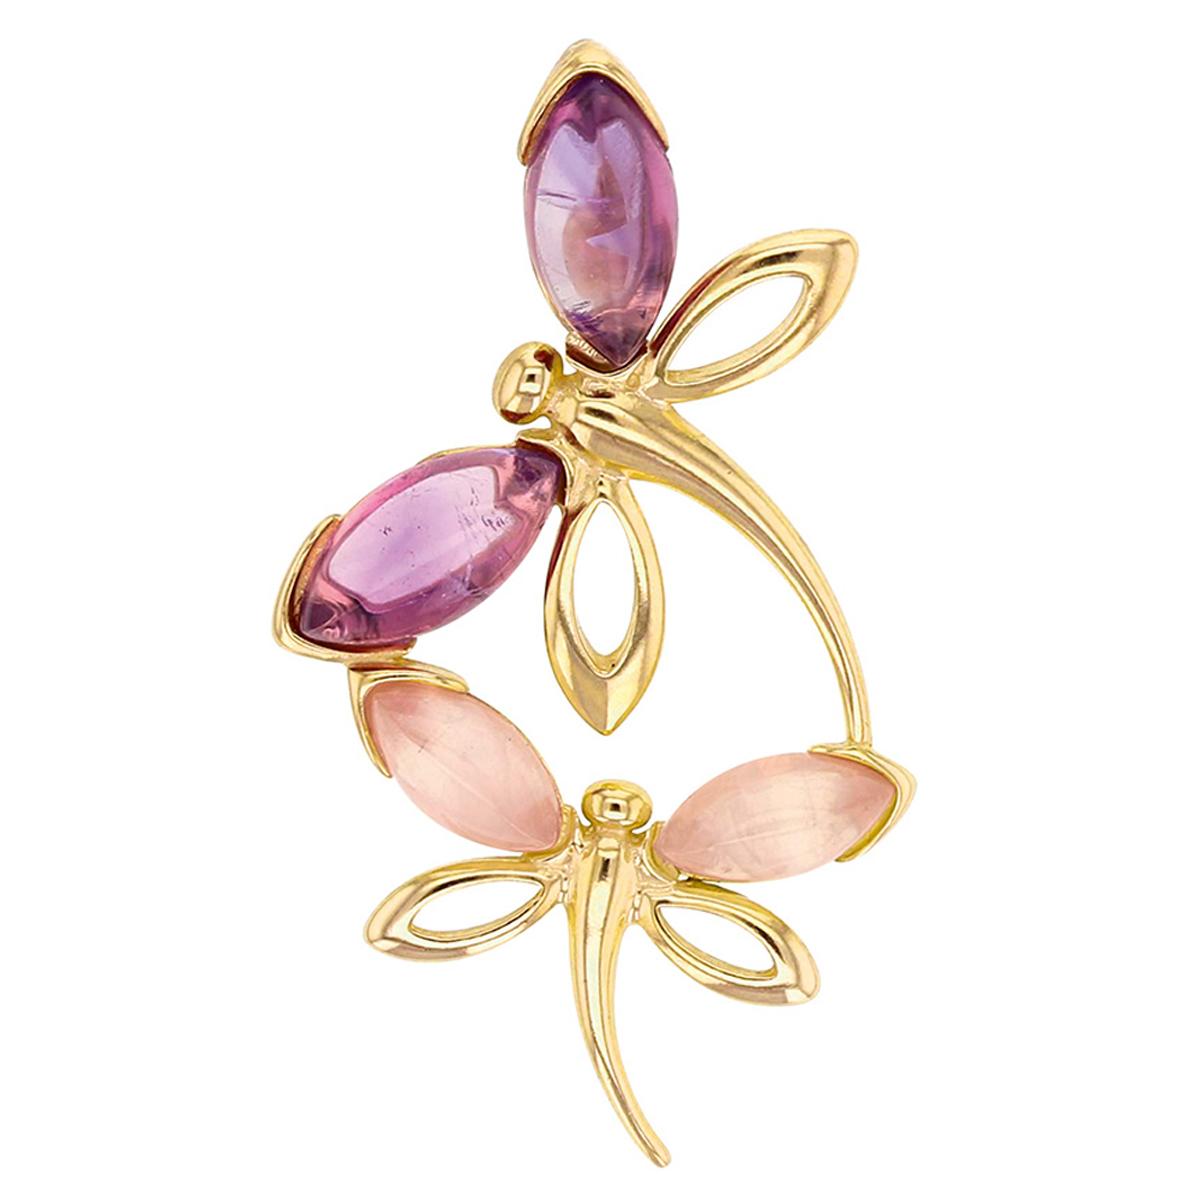 Pendentif Argent artisanal \'Meghan\' rose violet doré (Libellule) - 40x20 mm - [R5448]